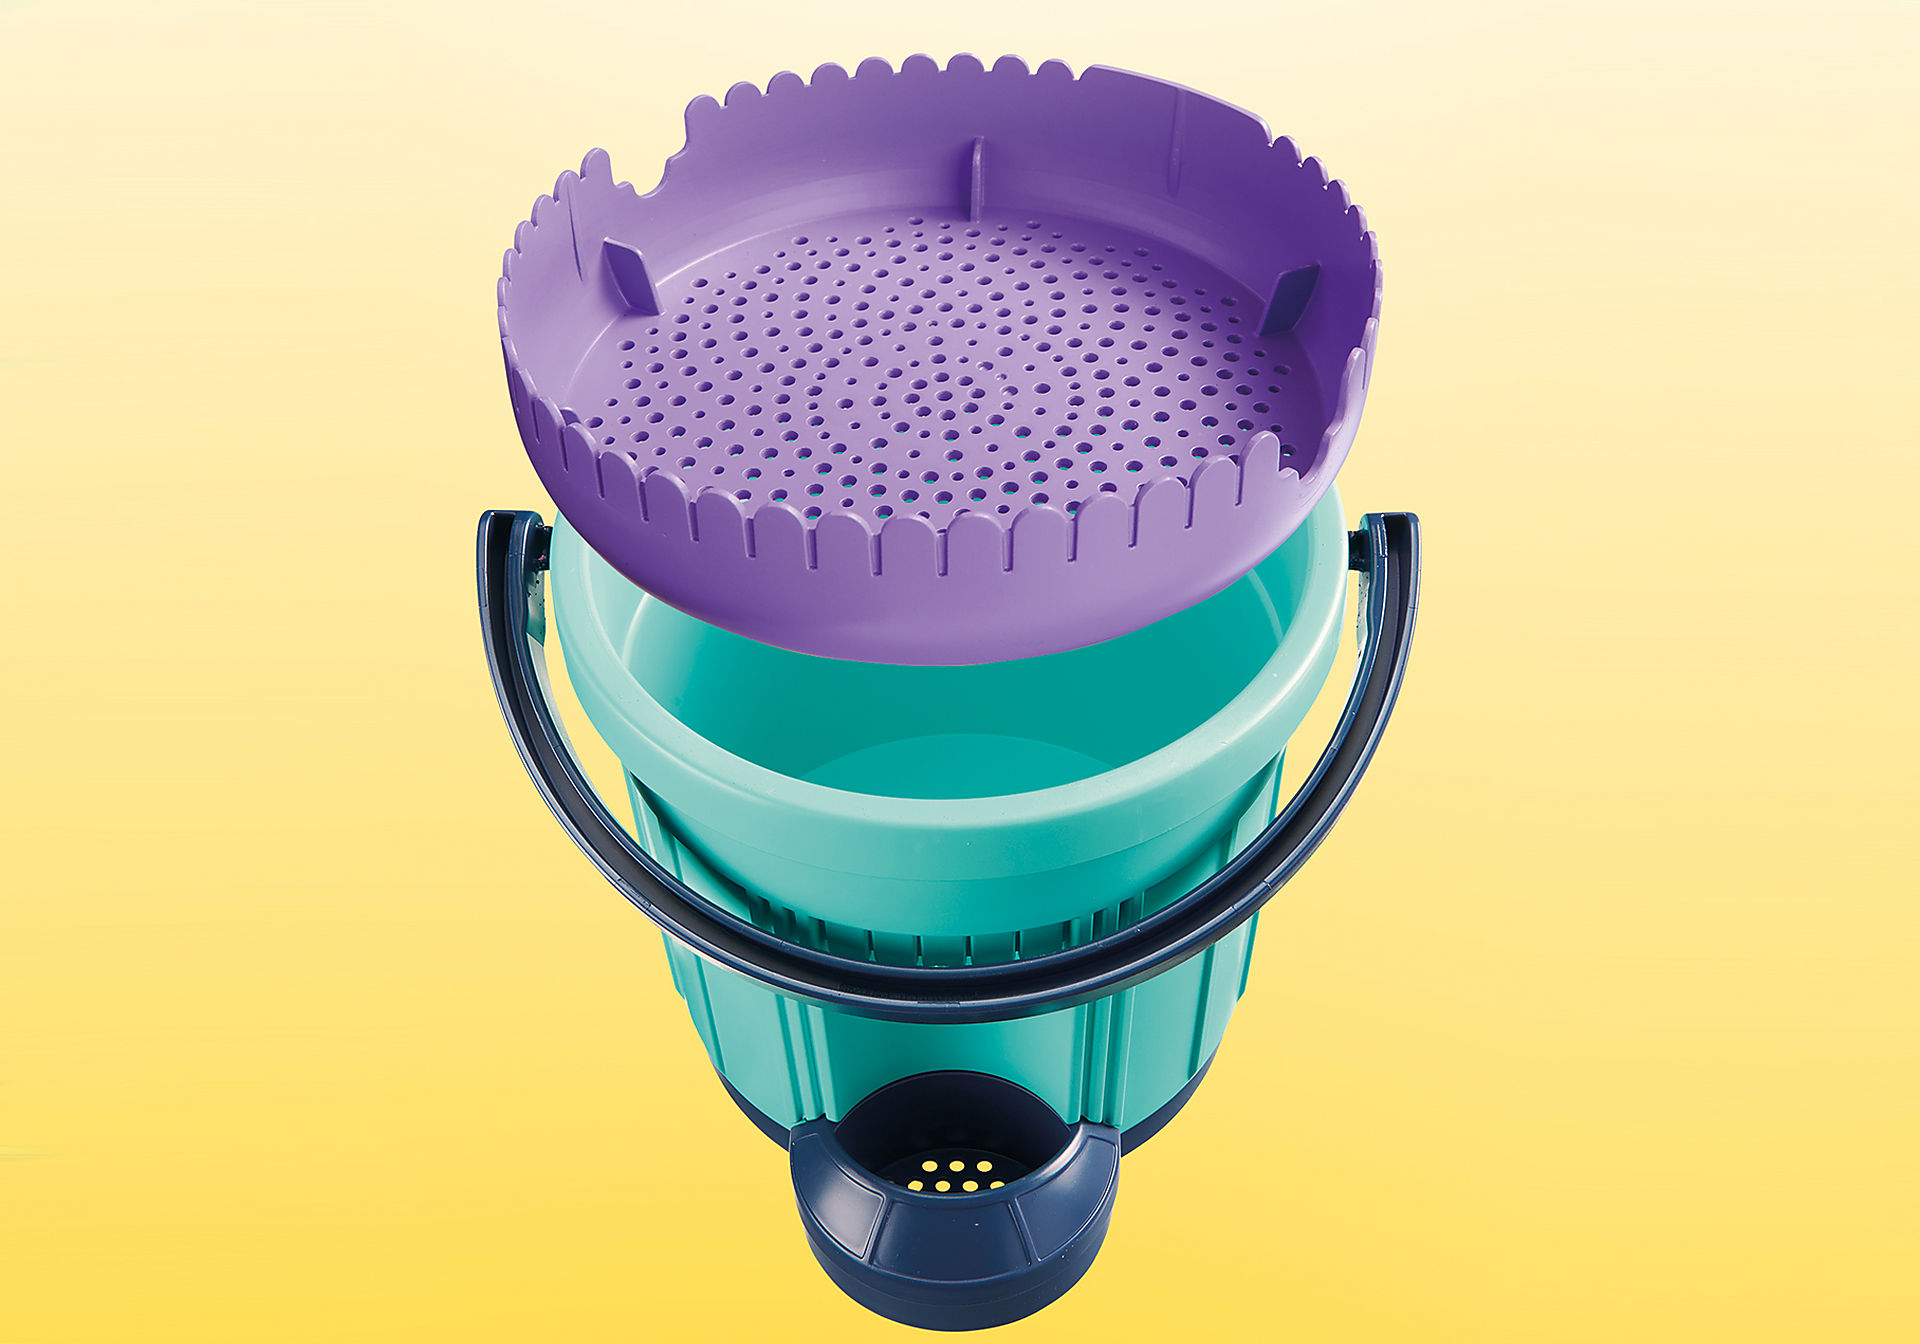 70339 Bakery Sand Bucket zoom image5